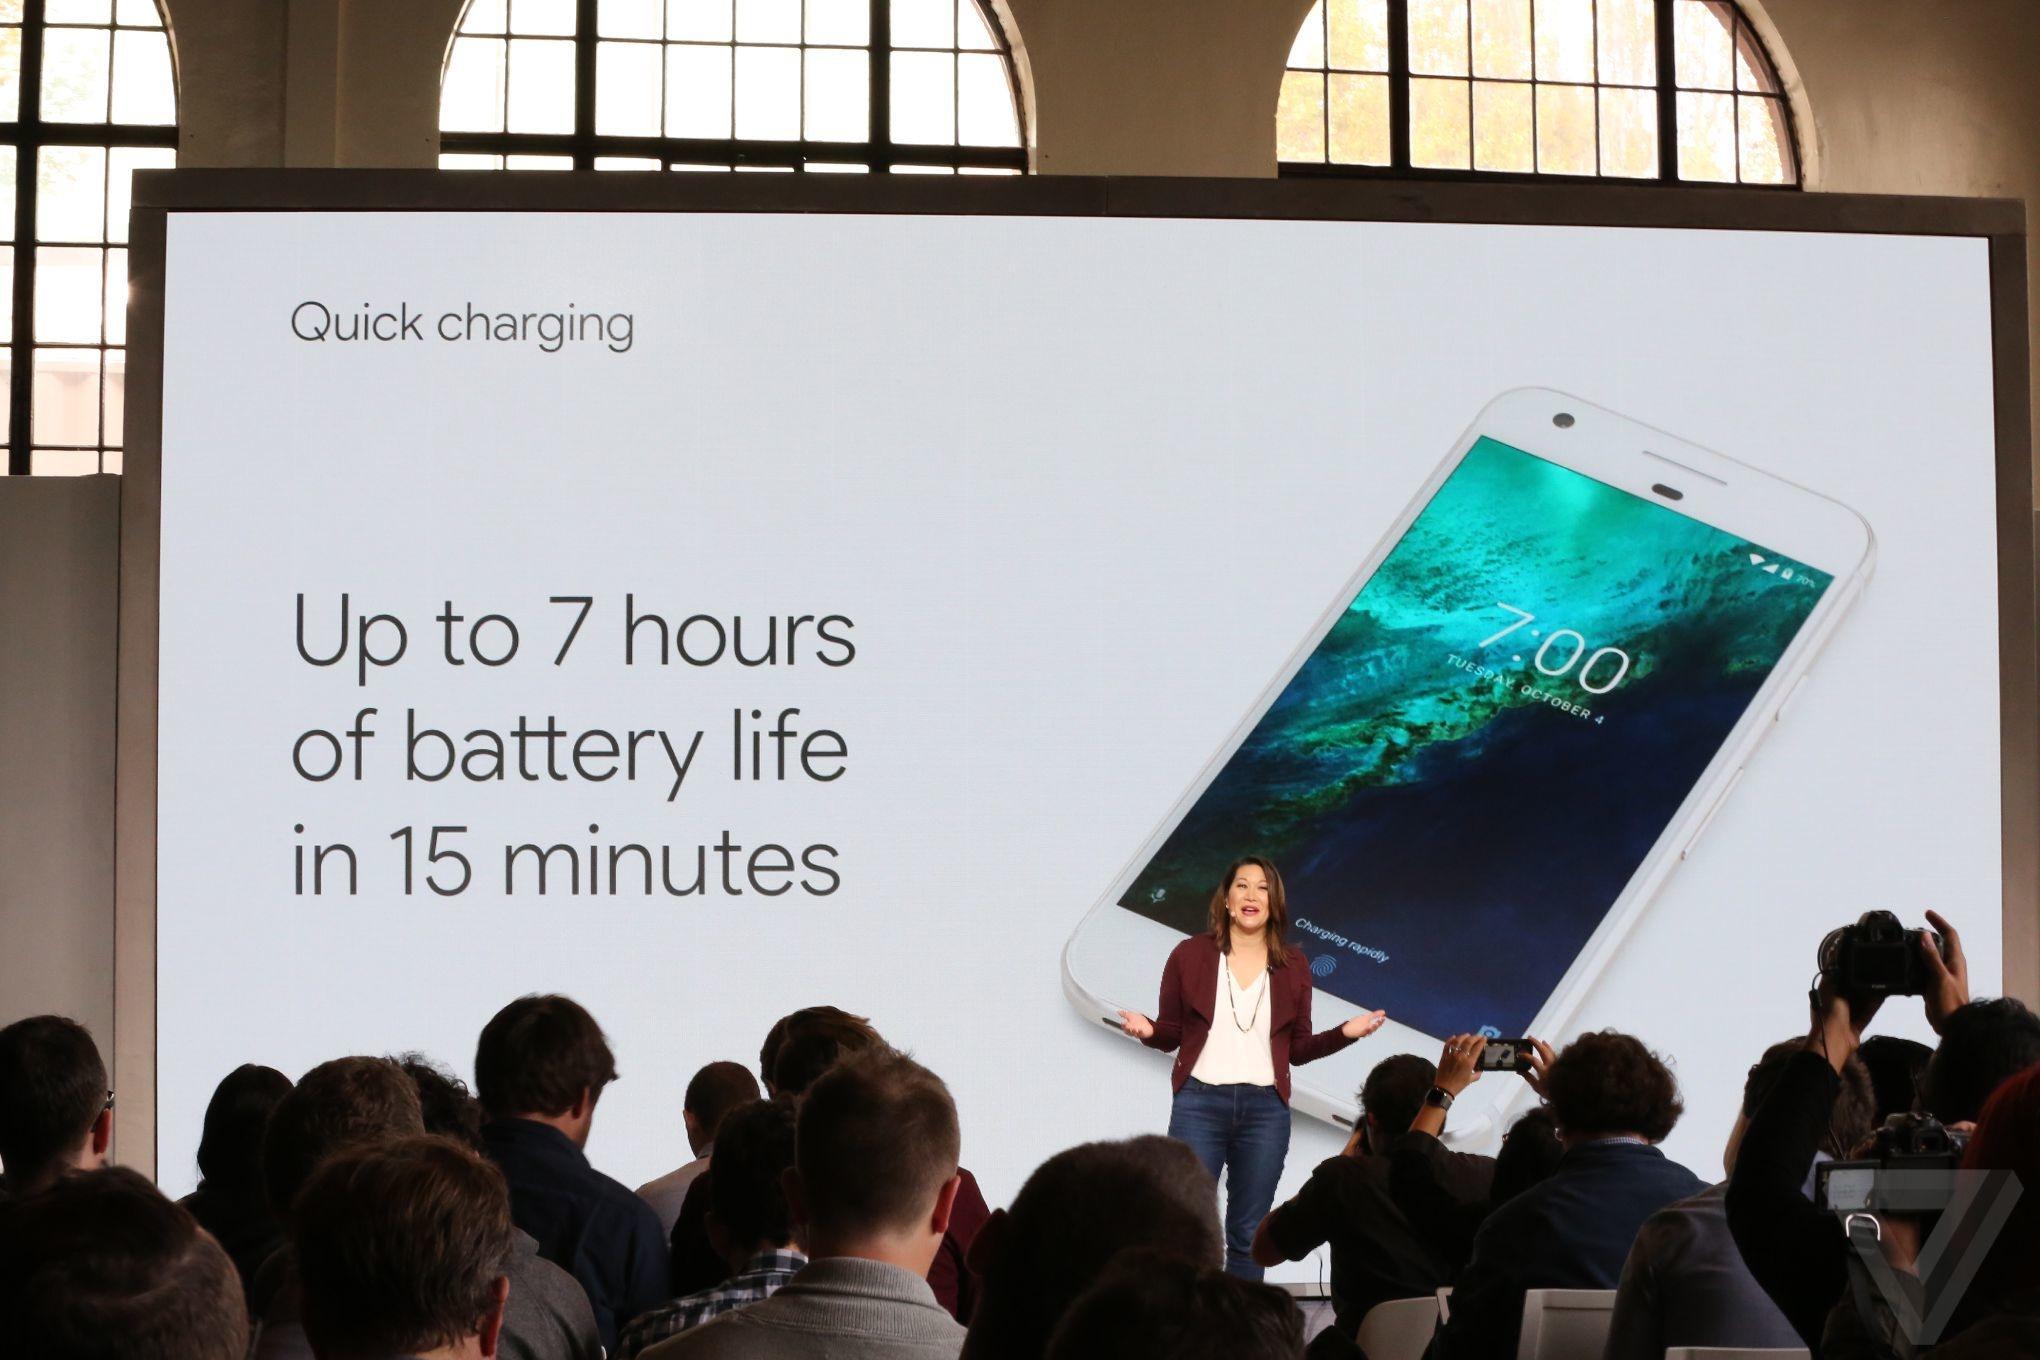 برگزیده تصویری مراسم رونمایی از محصولات سخت افزاری گوگل / رونمایی از گوشی پیکسل ۵ و ۵.۵ اینچی